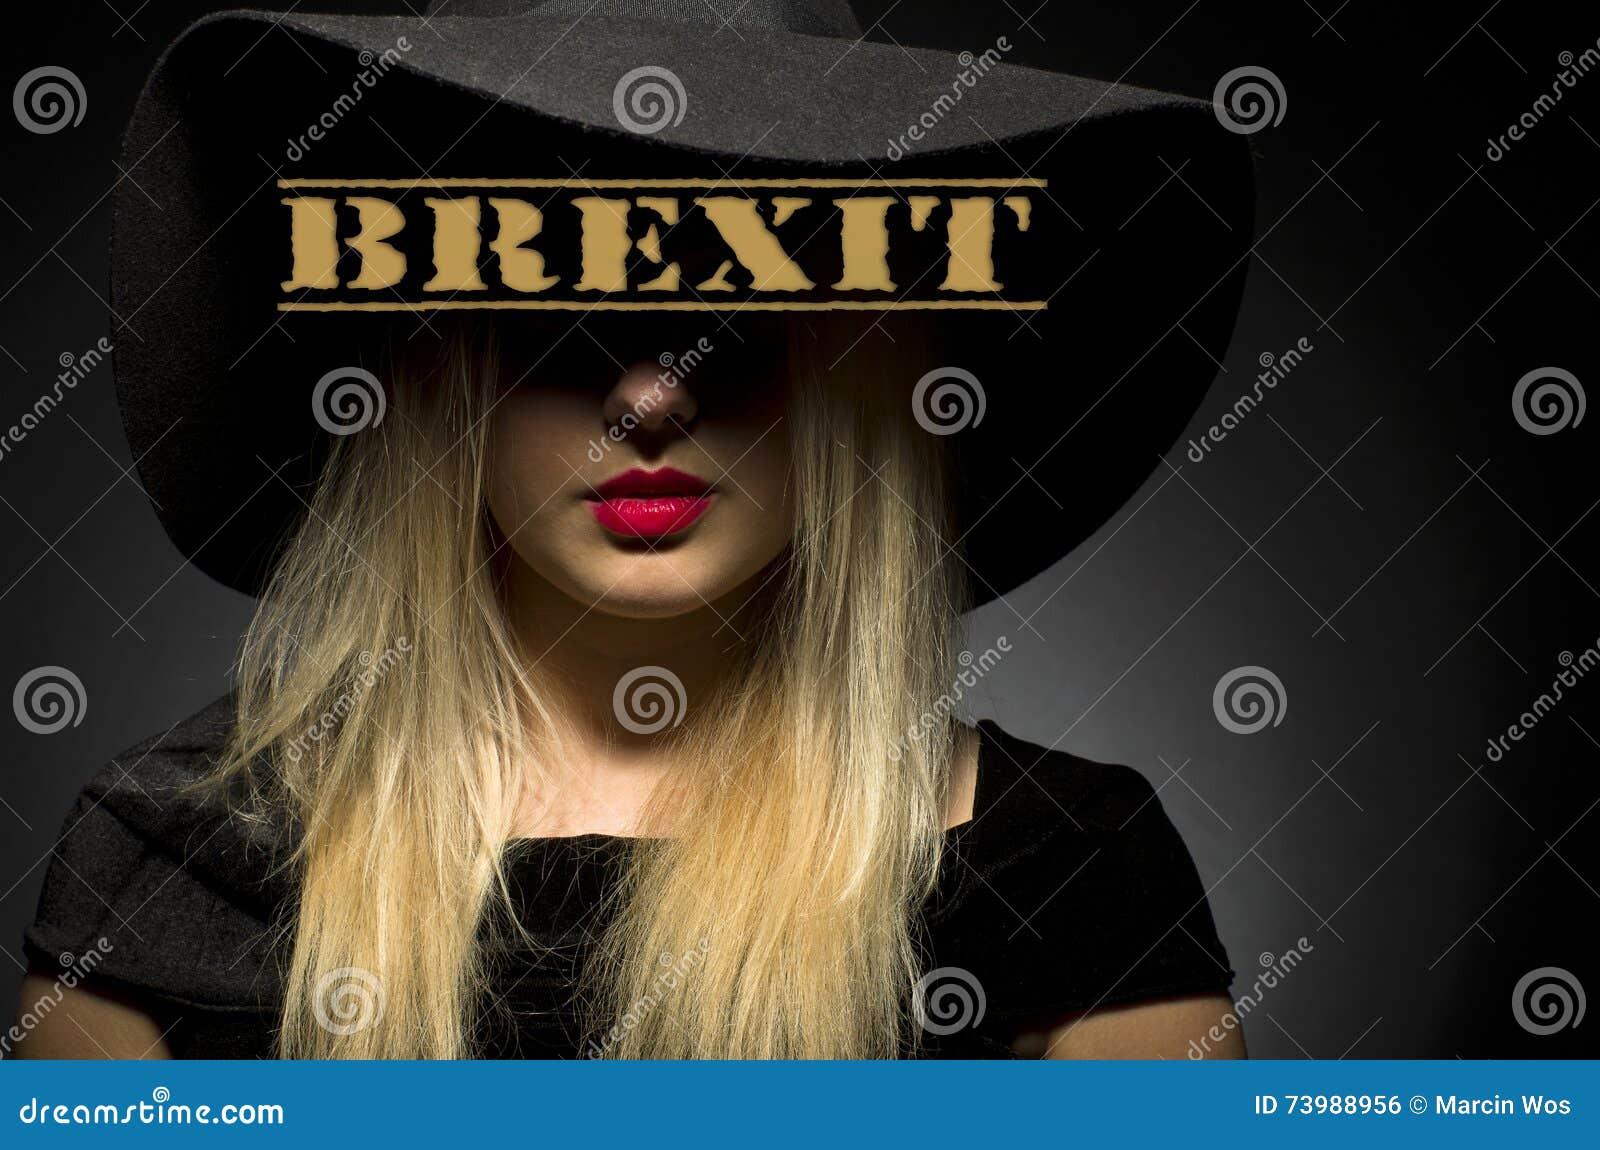 Brexit написанное на черной шляпе Женщина в черной большой шляпе